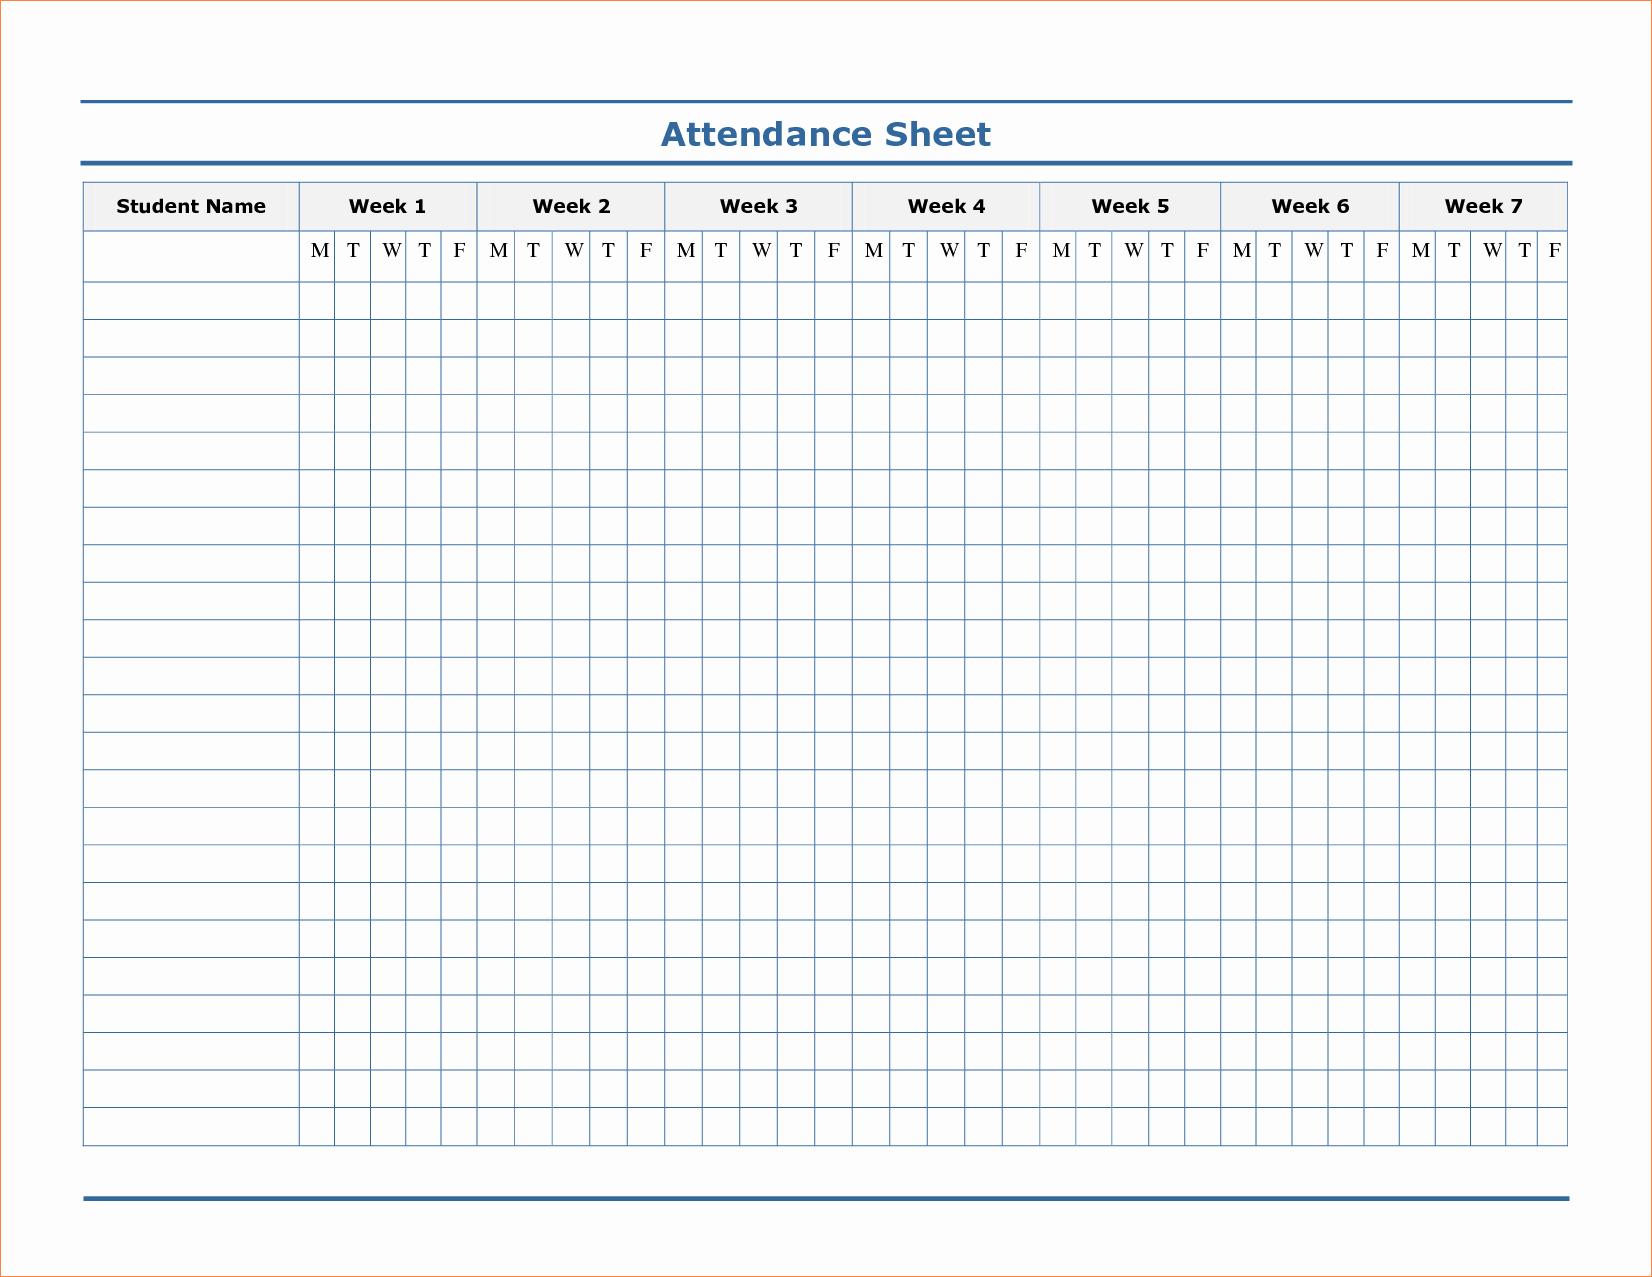 6 attendance Sheet Template